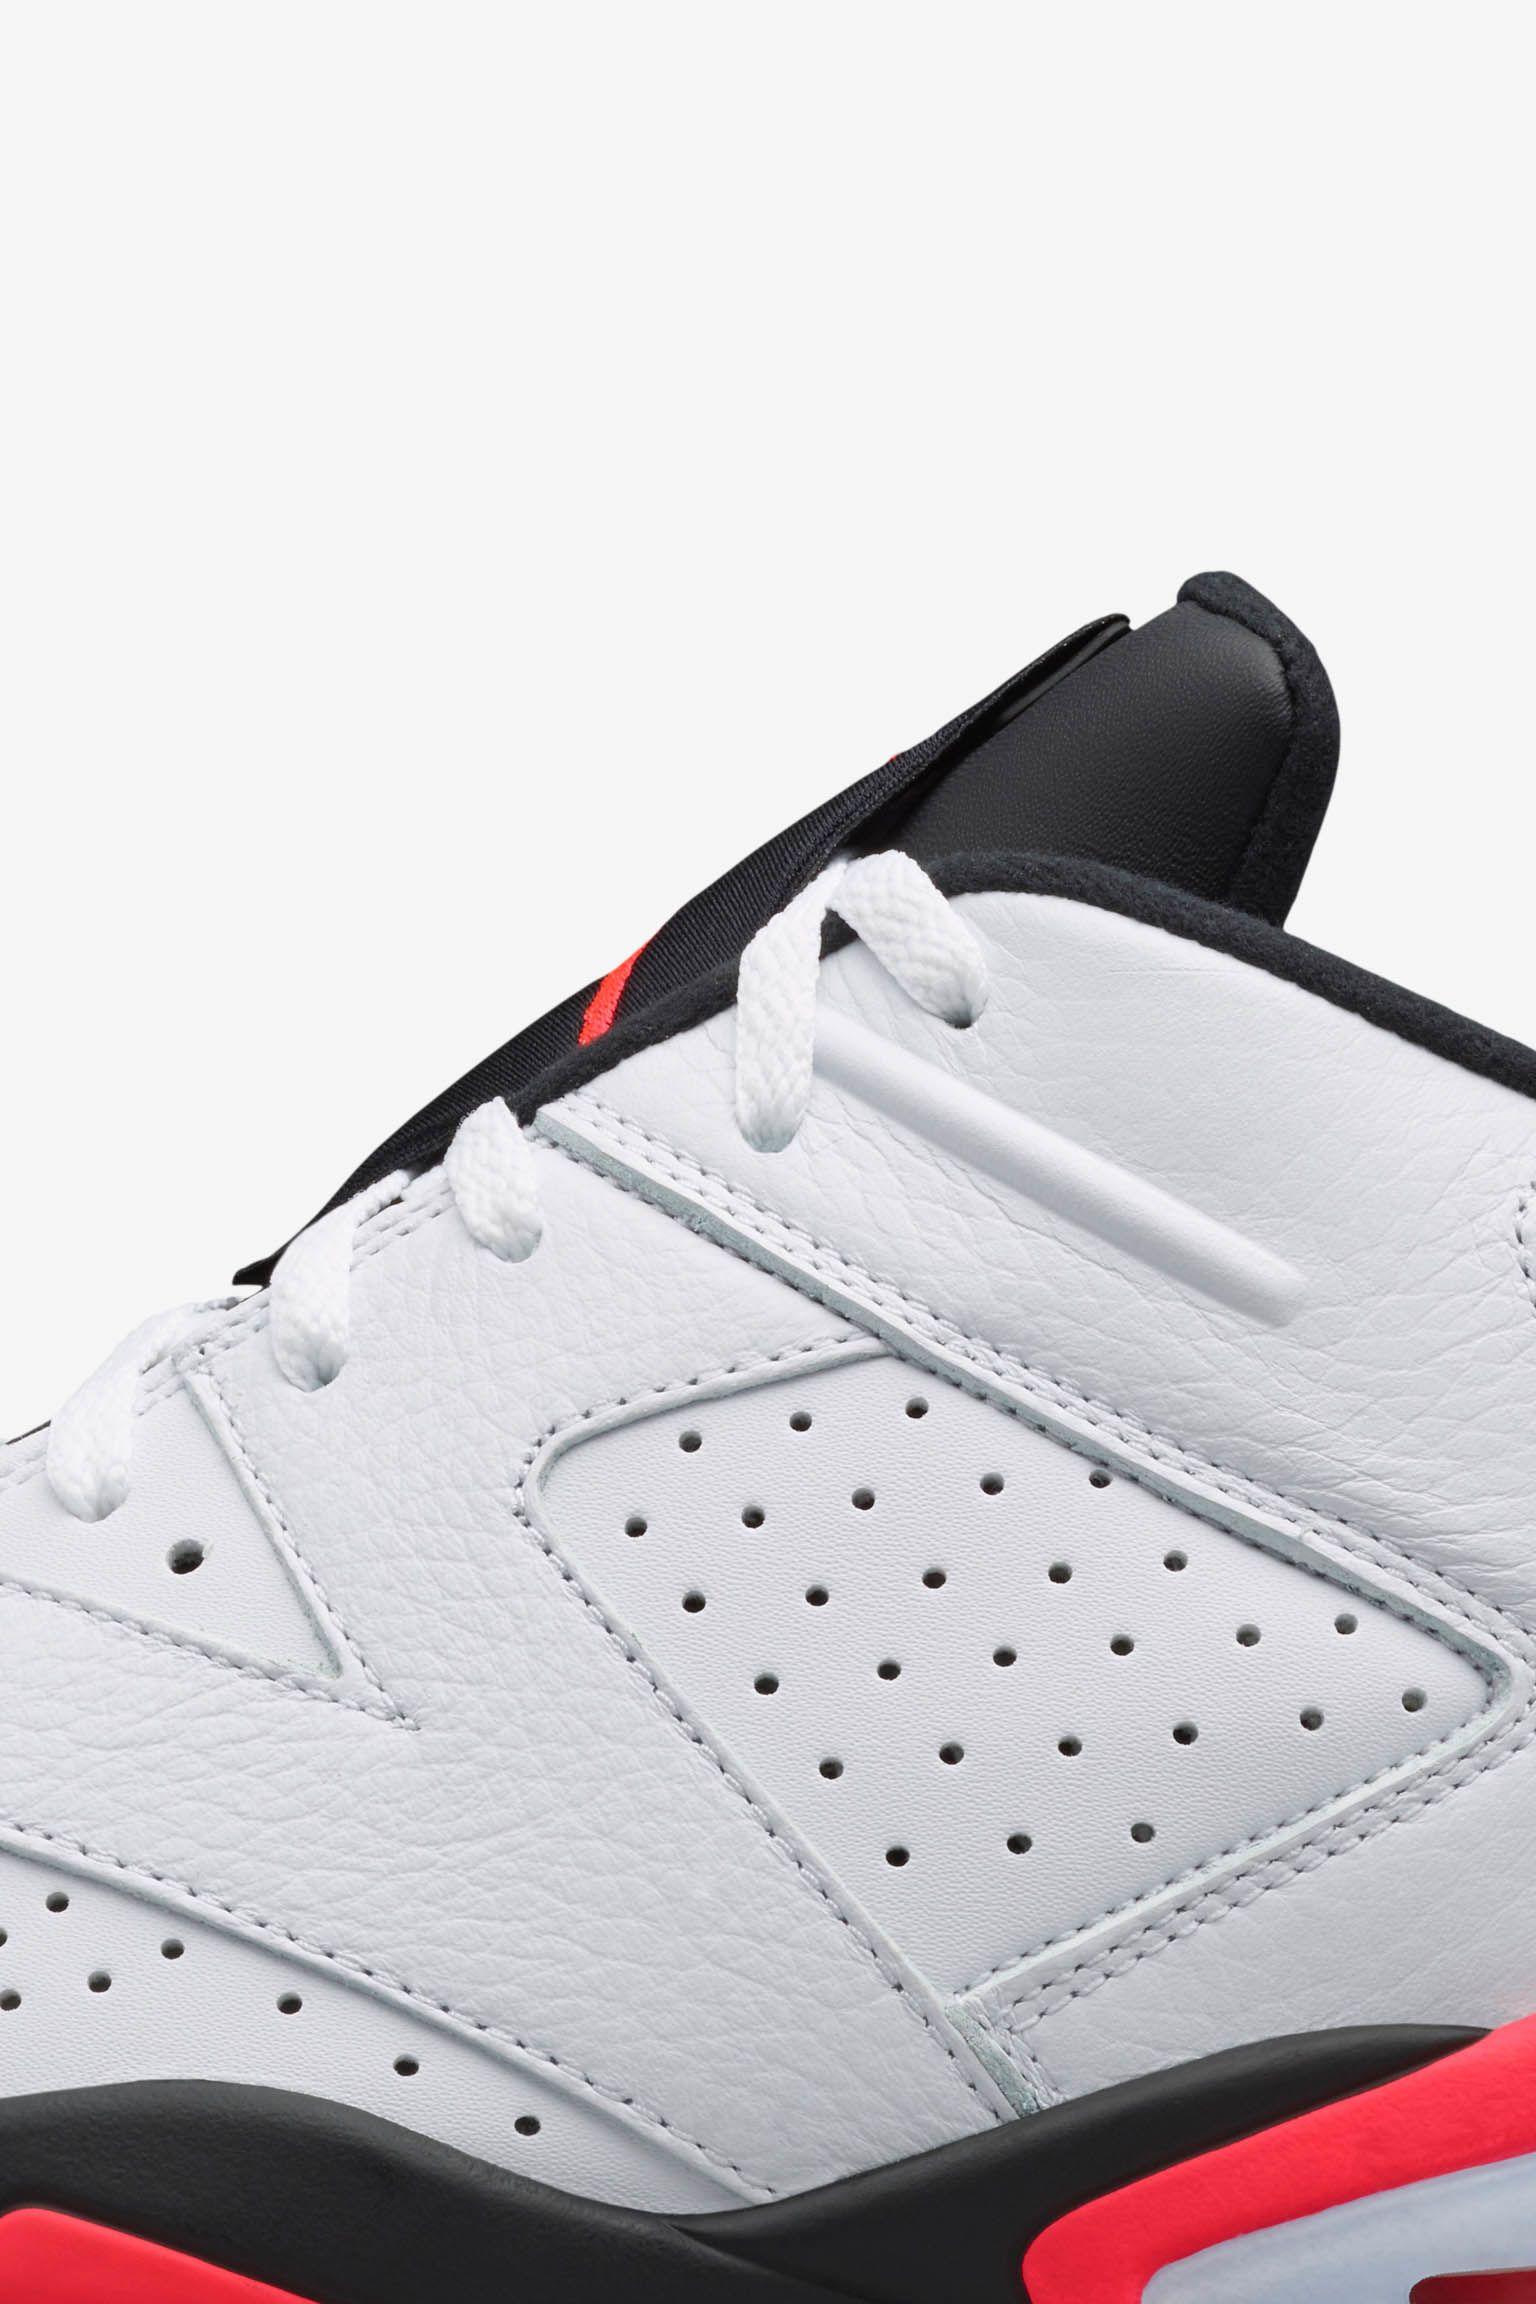 Air Jordan 6 Retro Low 'Infrared 23' Release Date